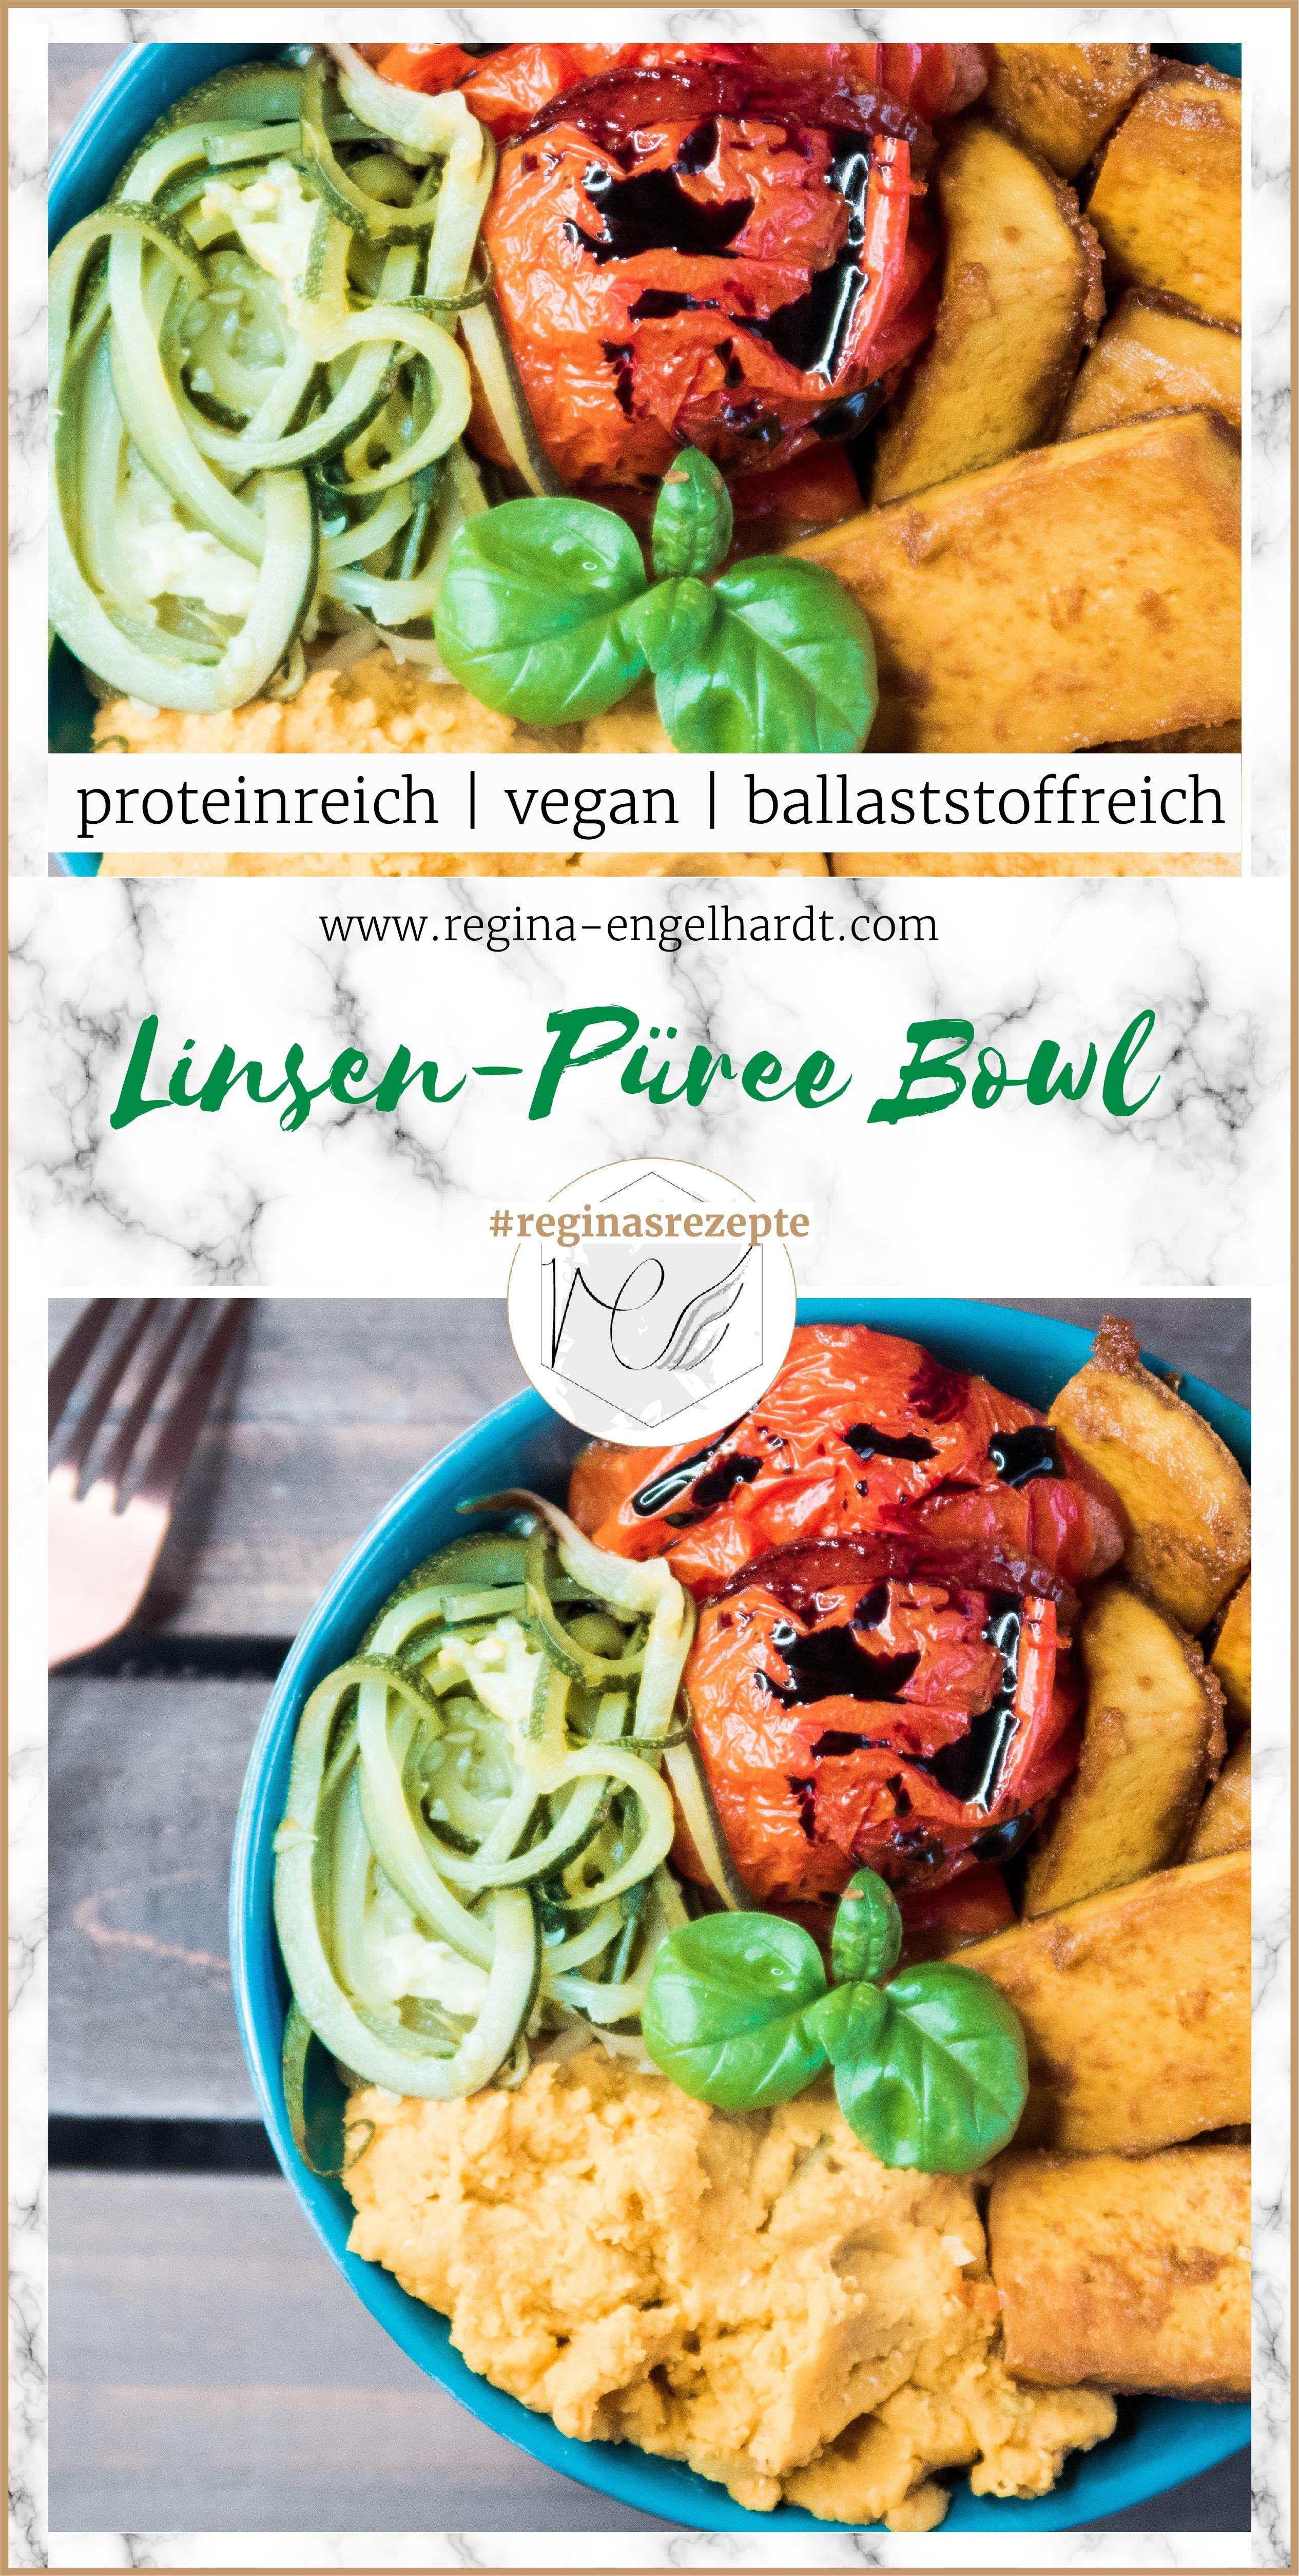 Dieses Rezept für eine vegane Linsen-Püree Bowl hat alles was eine fitnessgerechte Mahlzeit braucht:...